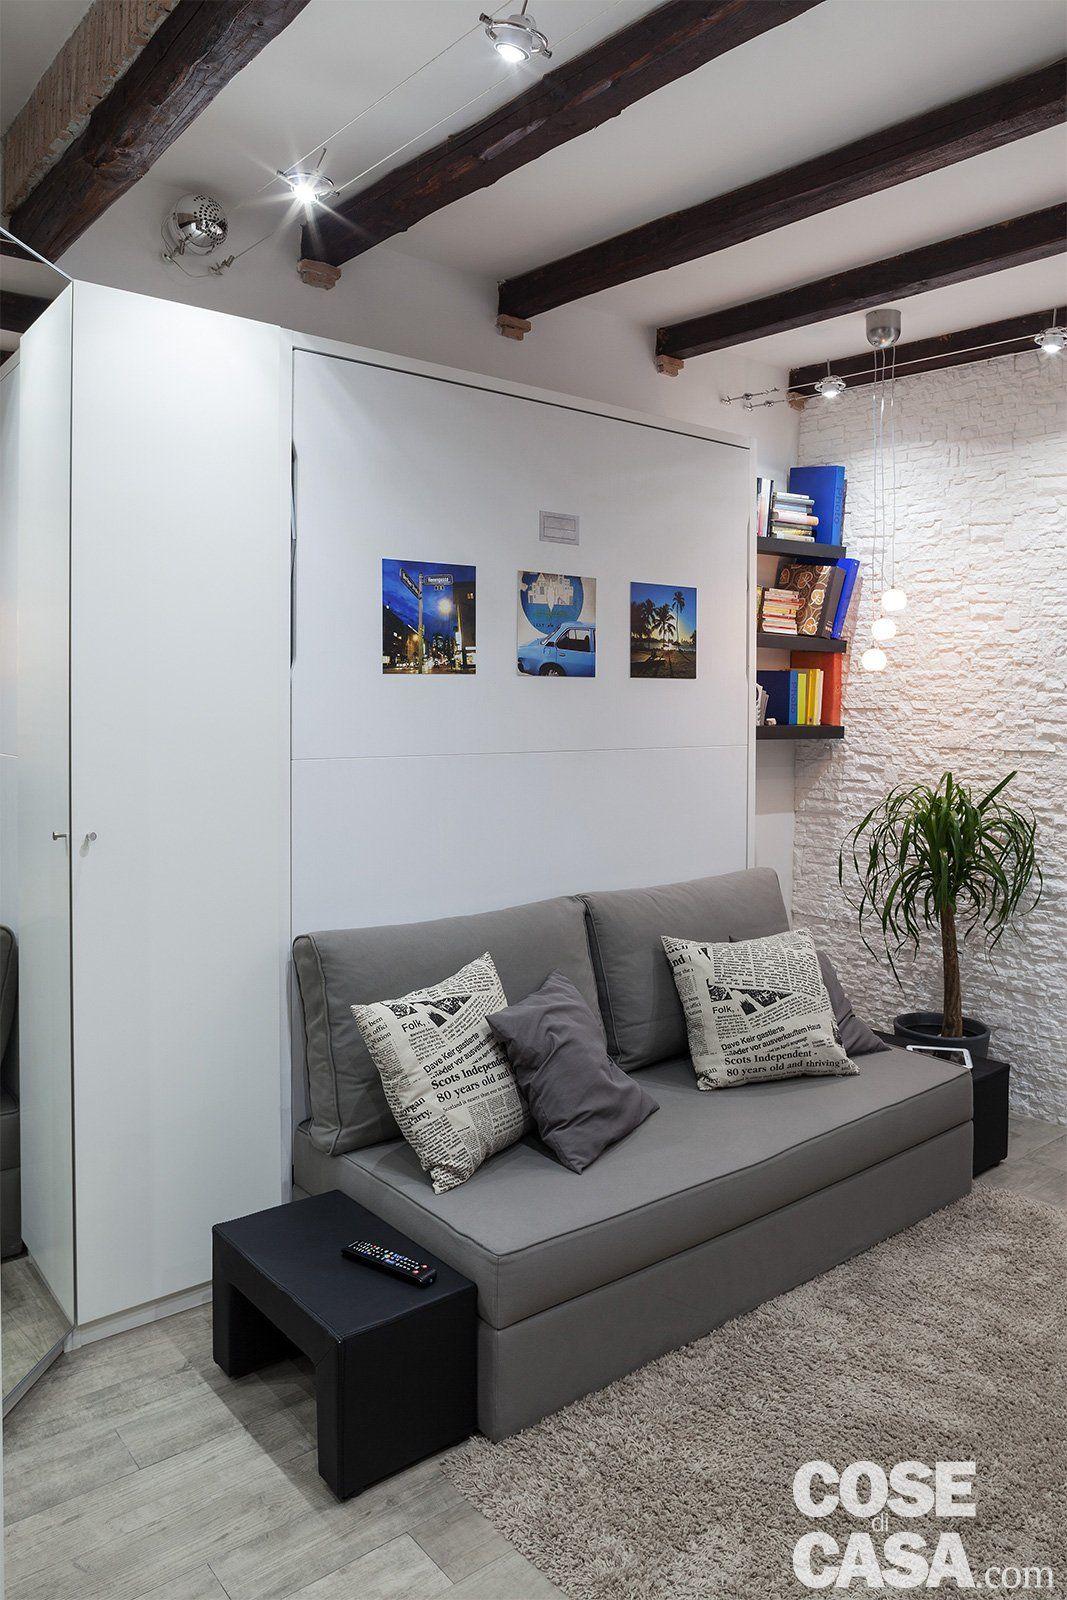 Nel Mini Appartamento Di 30 Mq, Living E Camera Si Alternano Nello Stesso  Ambiente.